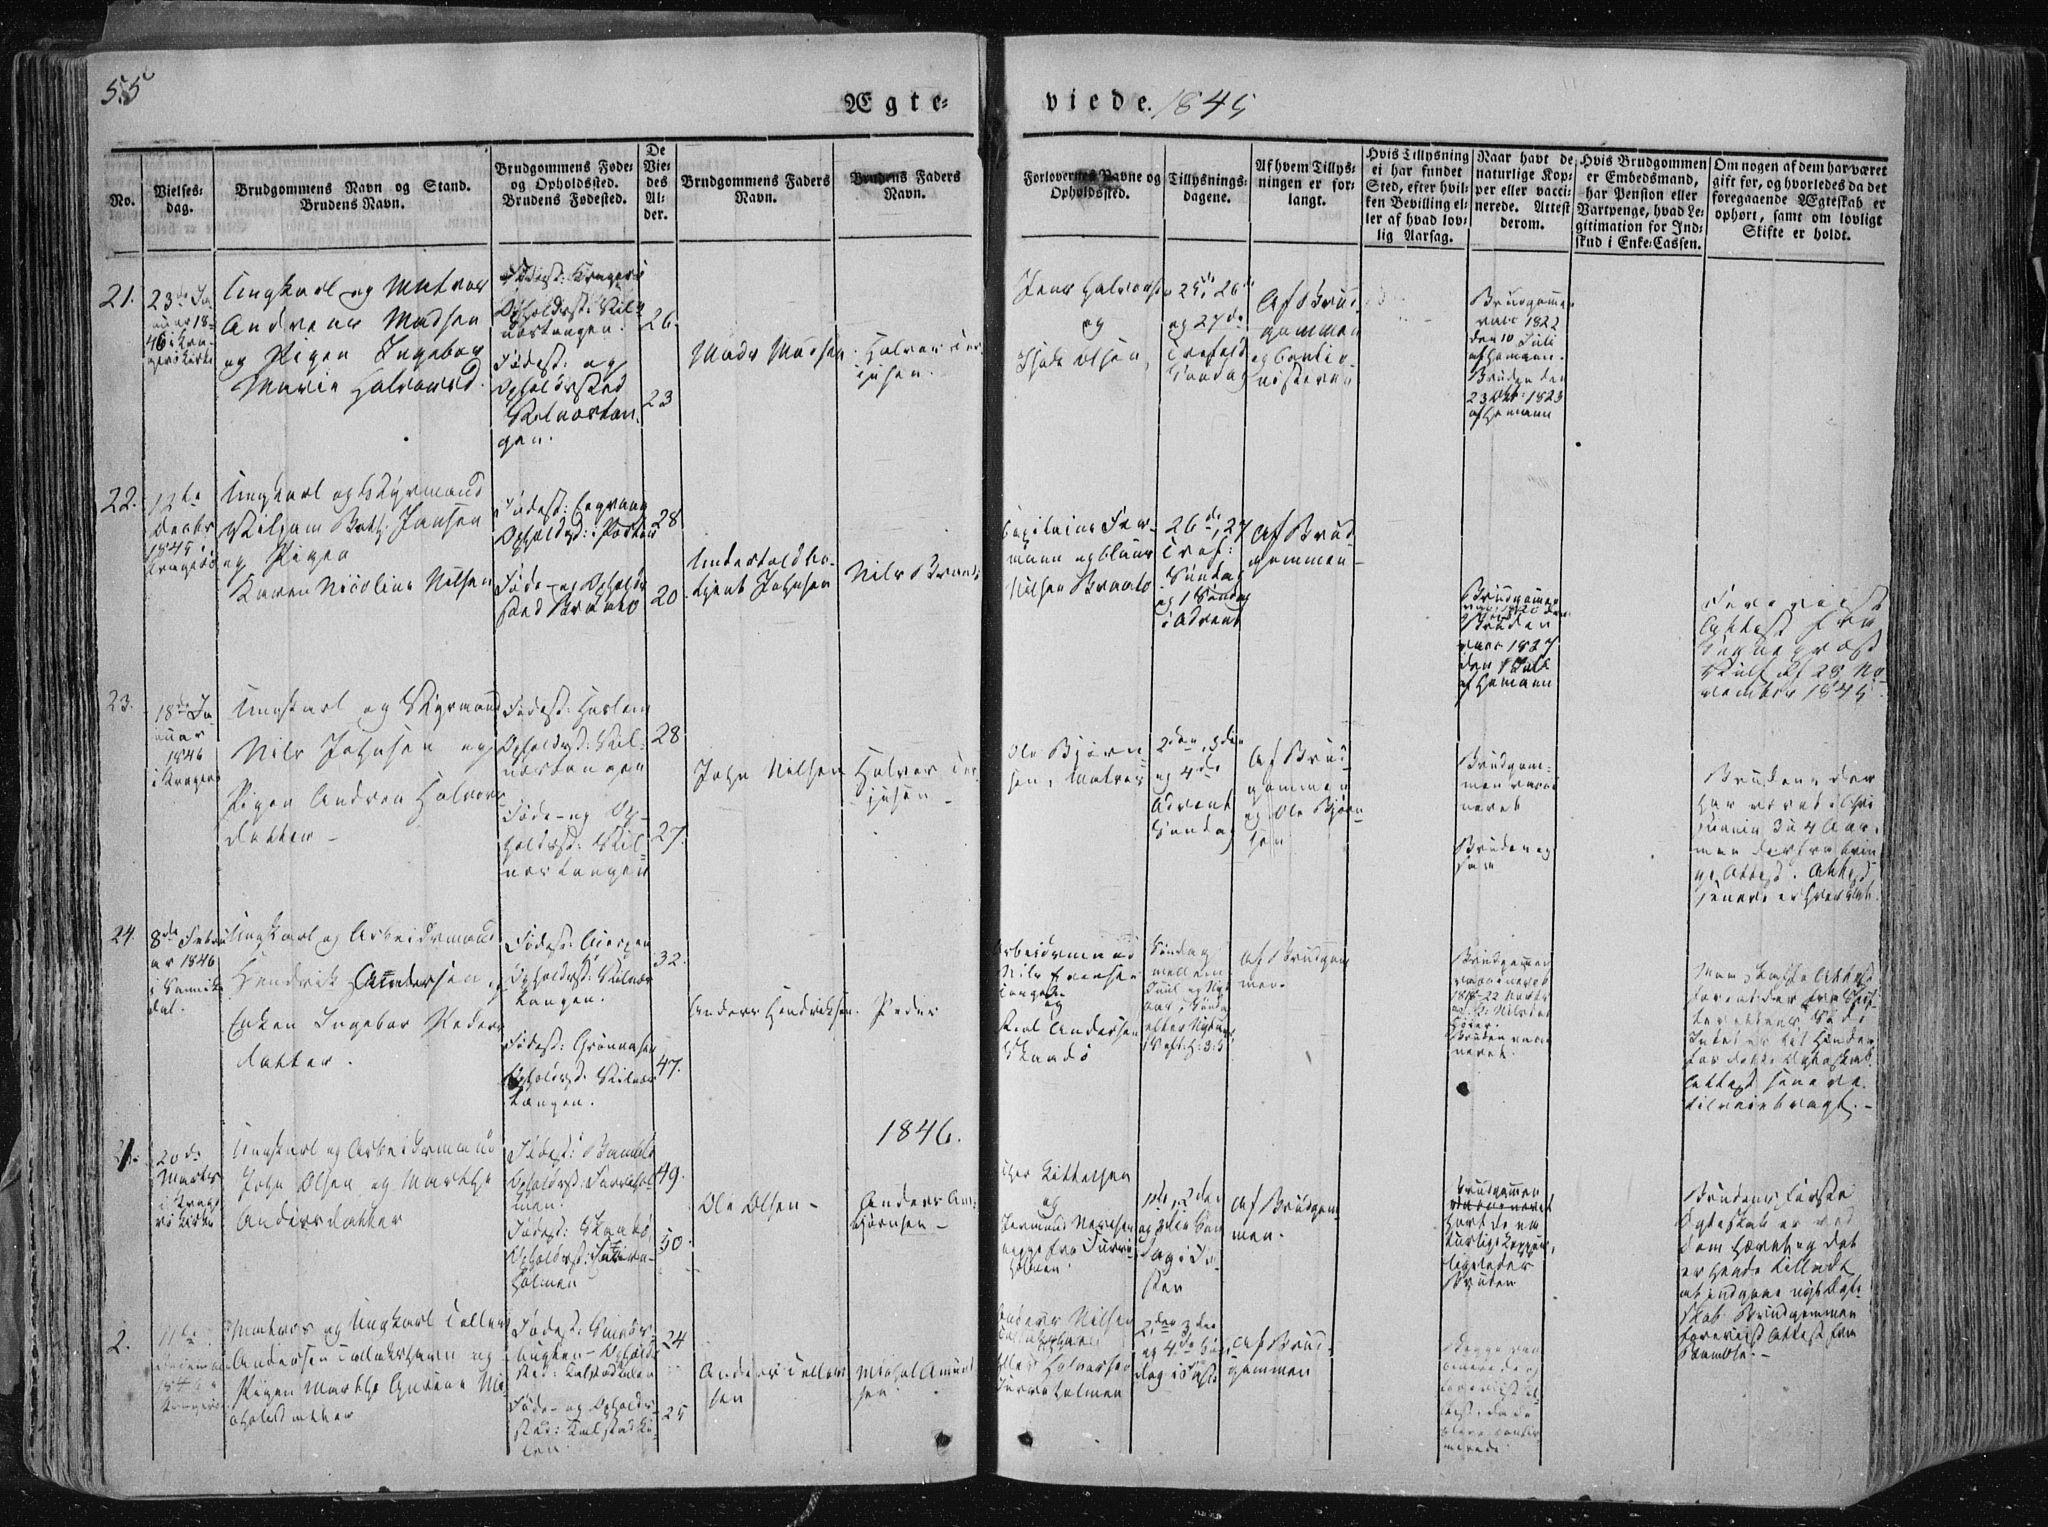 SAKO, Sannidal kirkebøker, F/Fa/L0007: Ministerialbok nr. 7, 1831-1854, s. 55